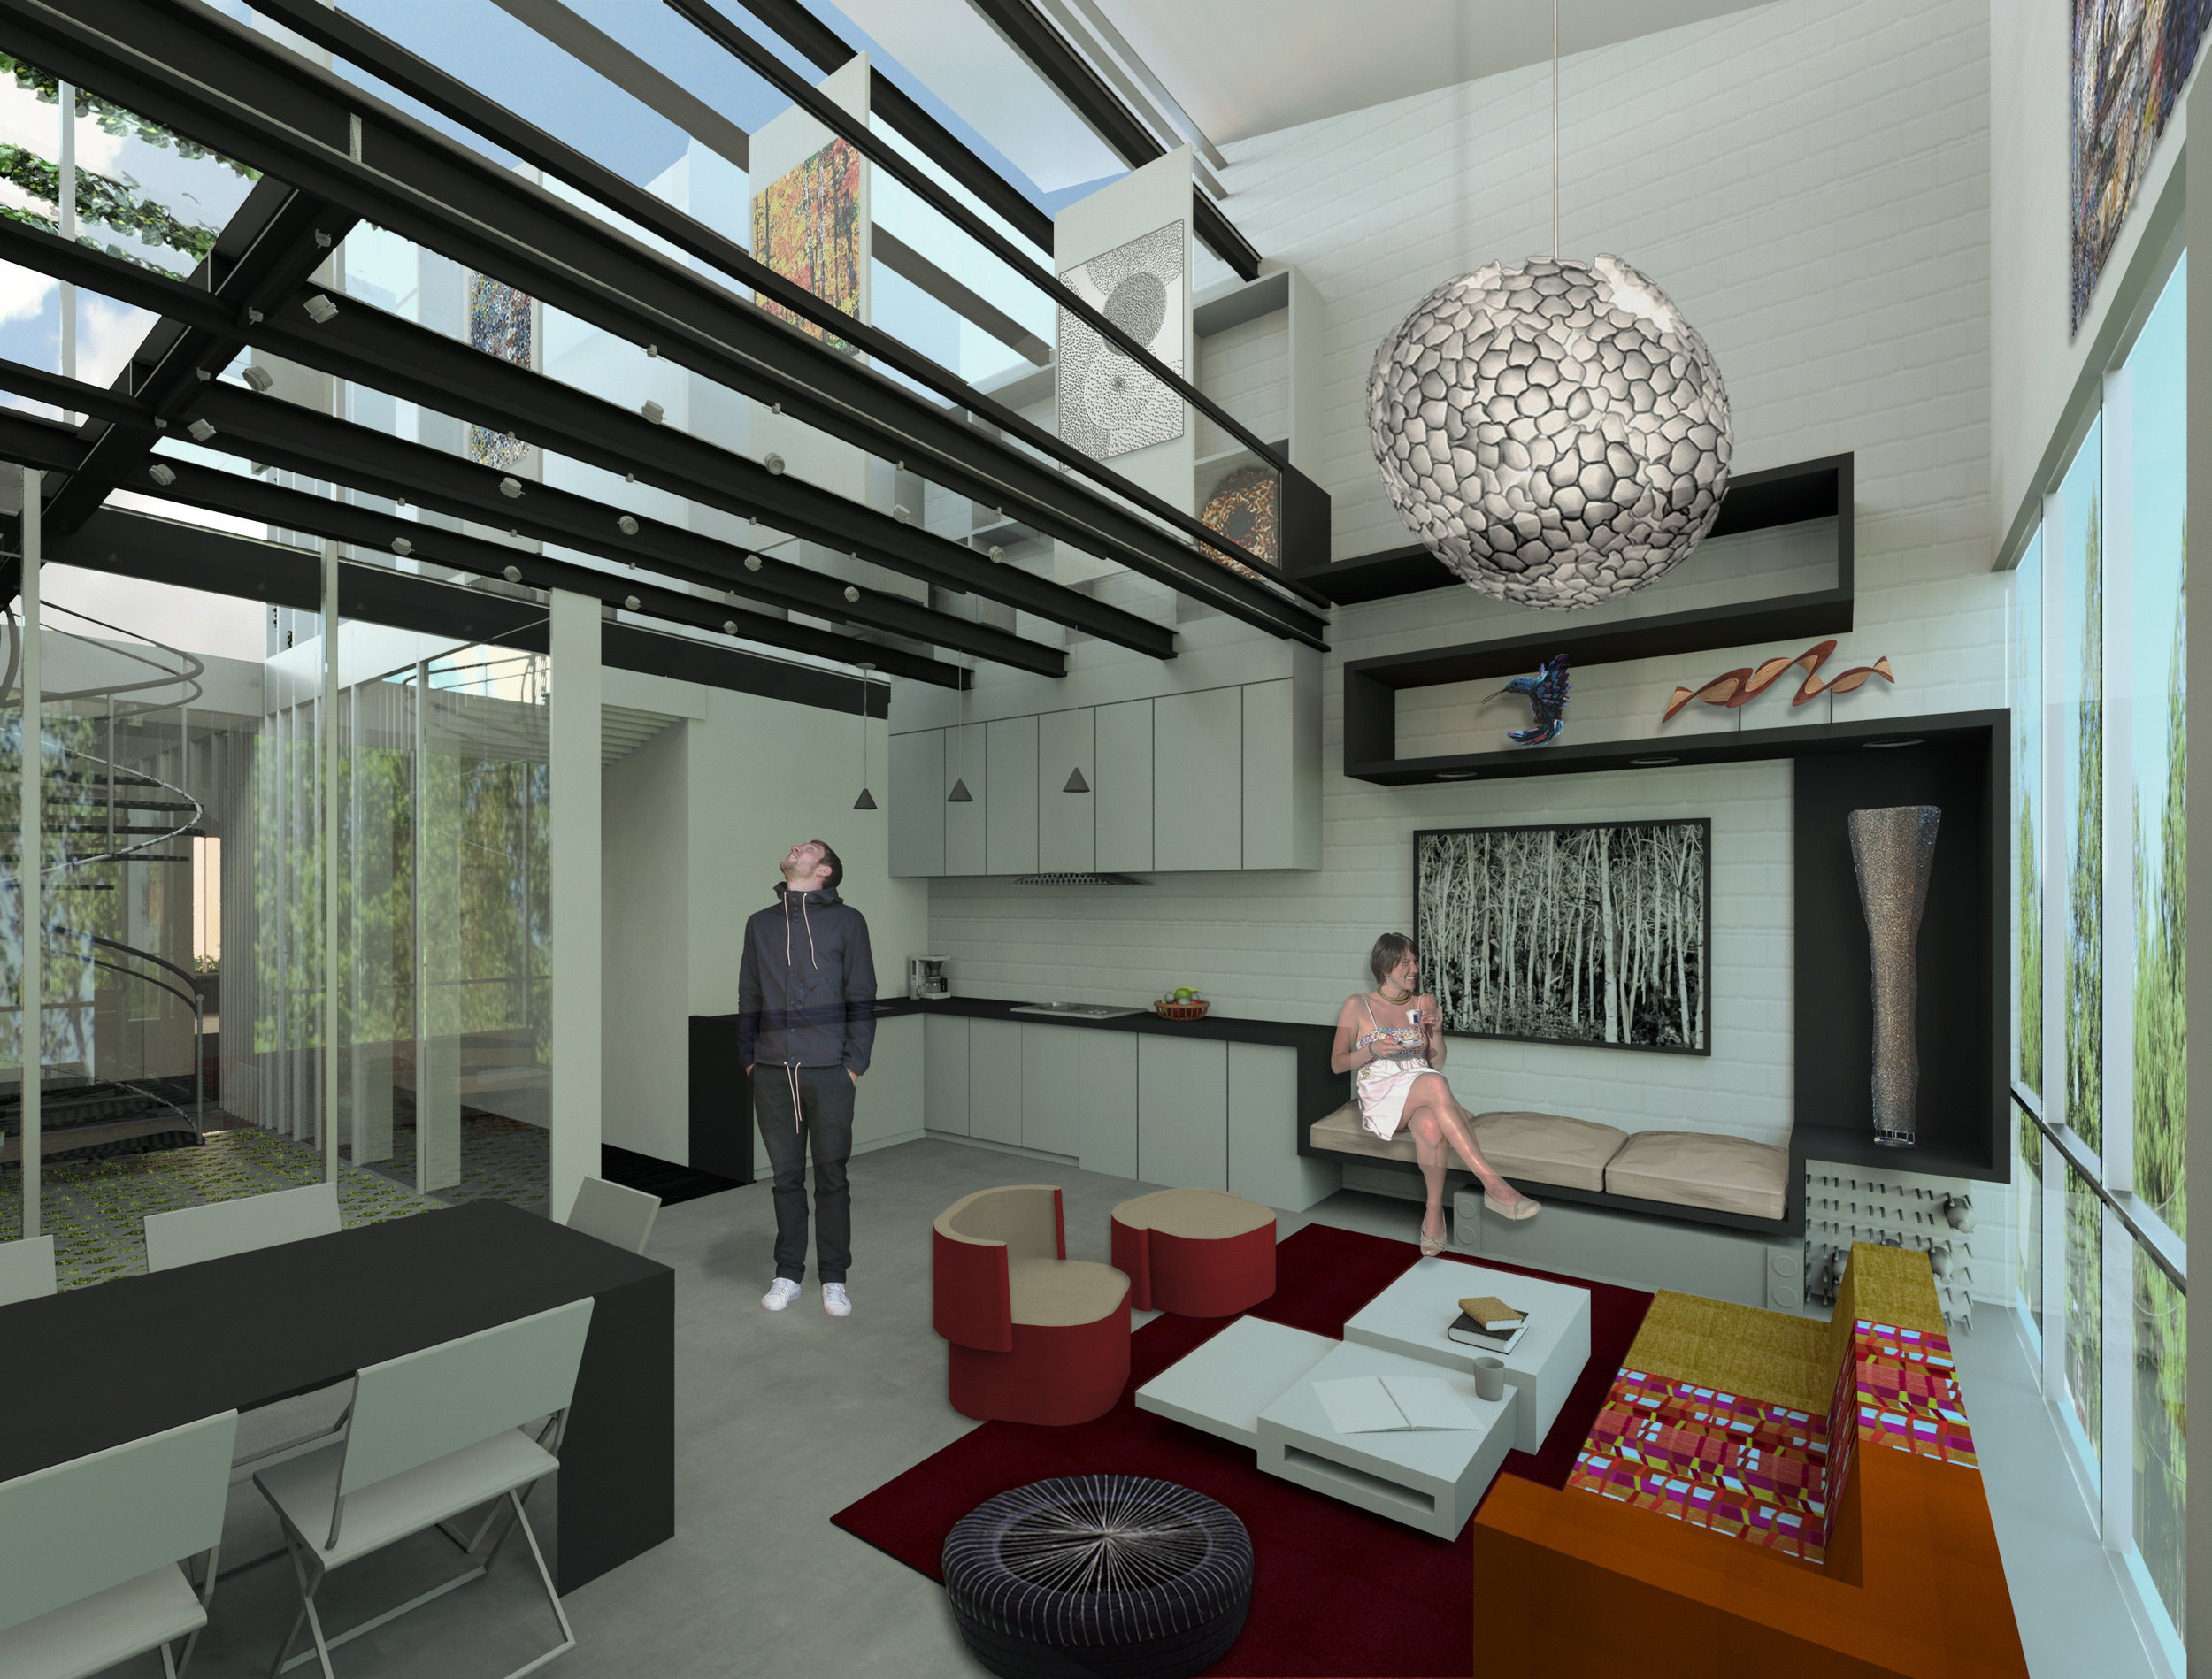 devshree-mistry-juliana-sorzano-artists-loft-mps-sustainable-interior-environments-residential-project_17455433138_o.jpg